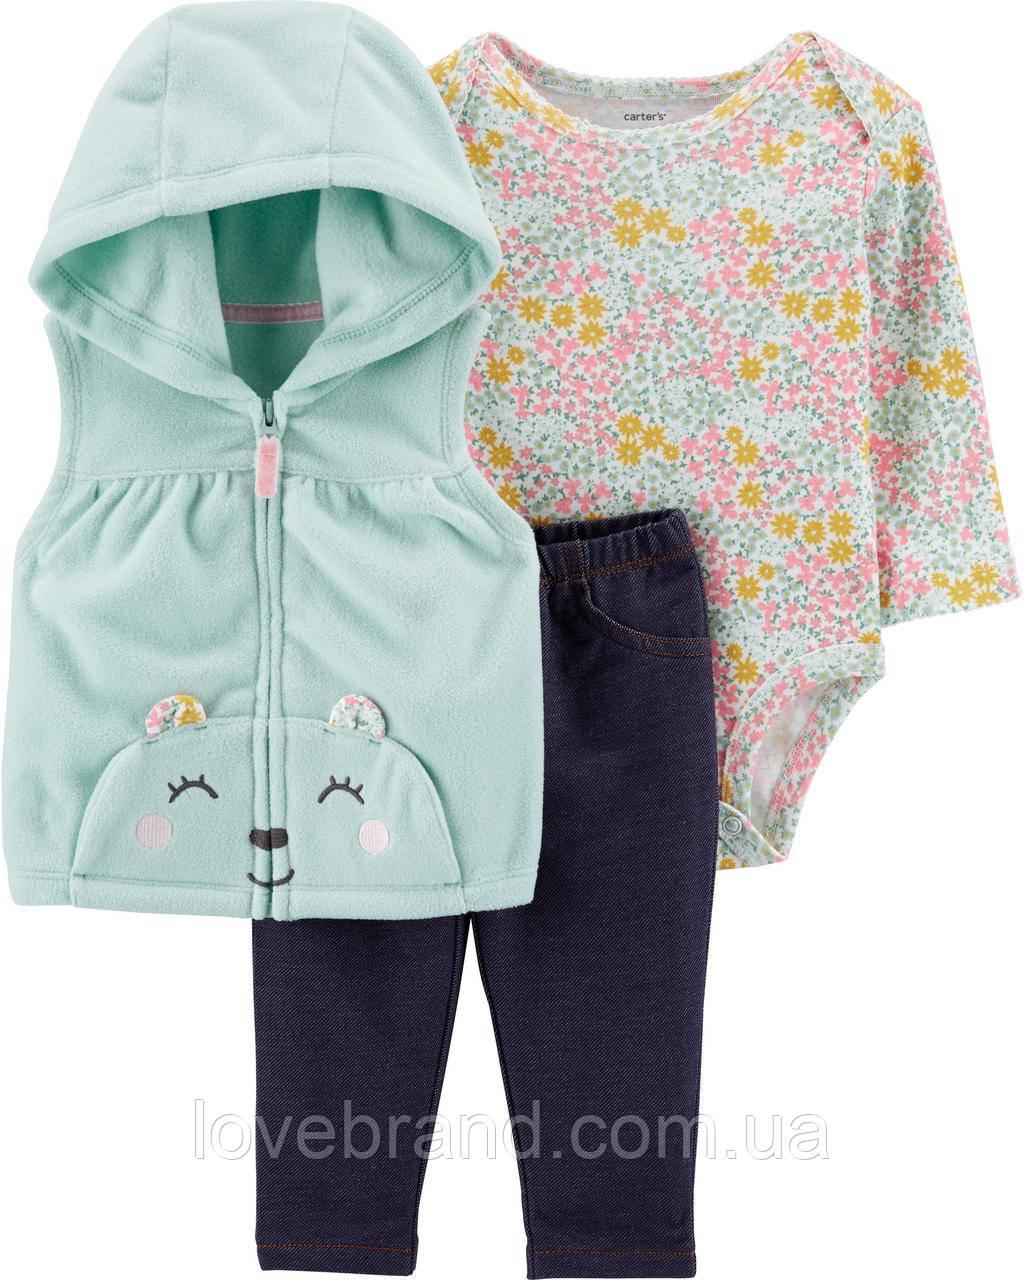 Теплый набор для девочки Carter's жилетка + боди + штанишки , костюм картерс 24 мес/83-86 см